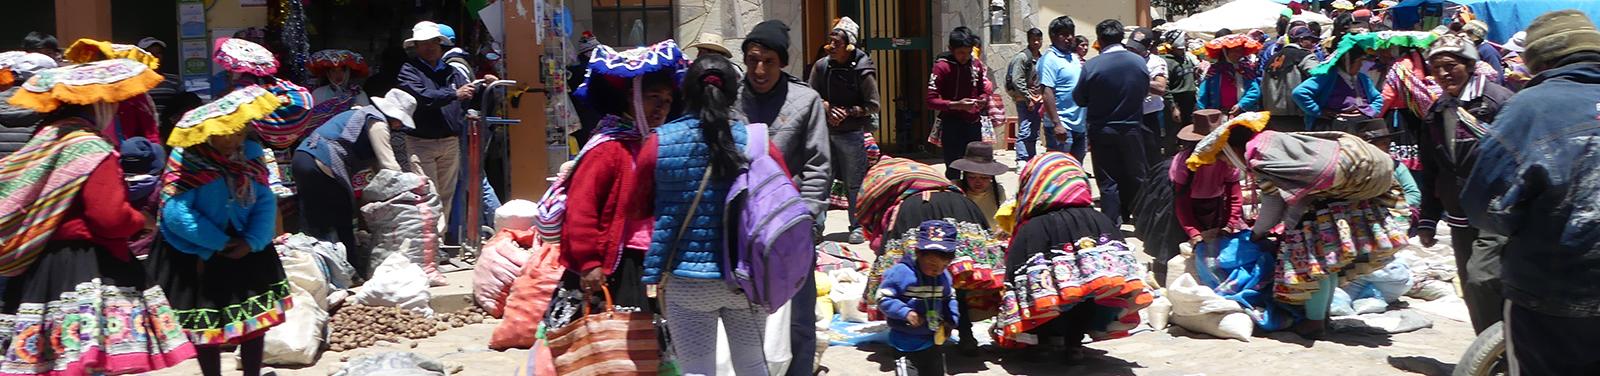 Markt in Ccatccapampa, Peru